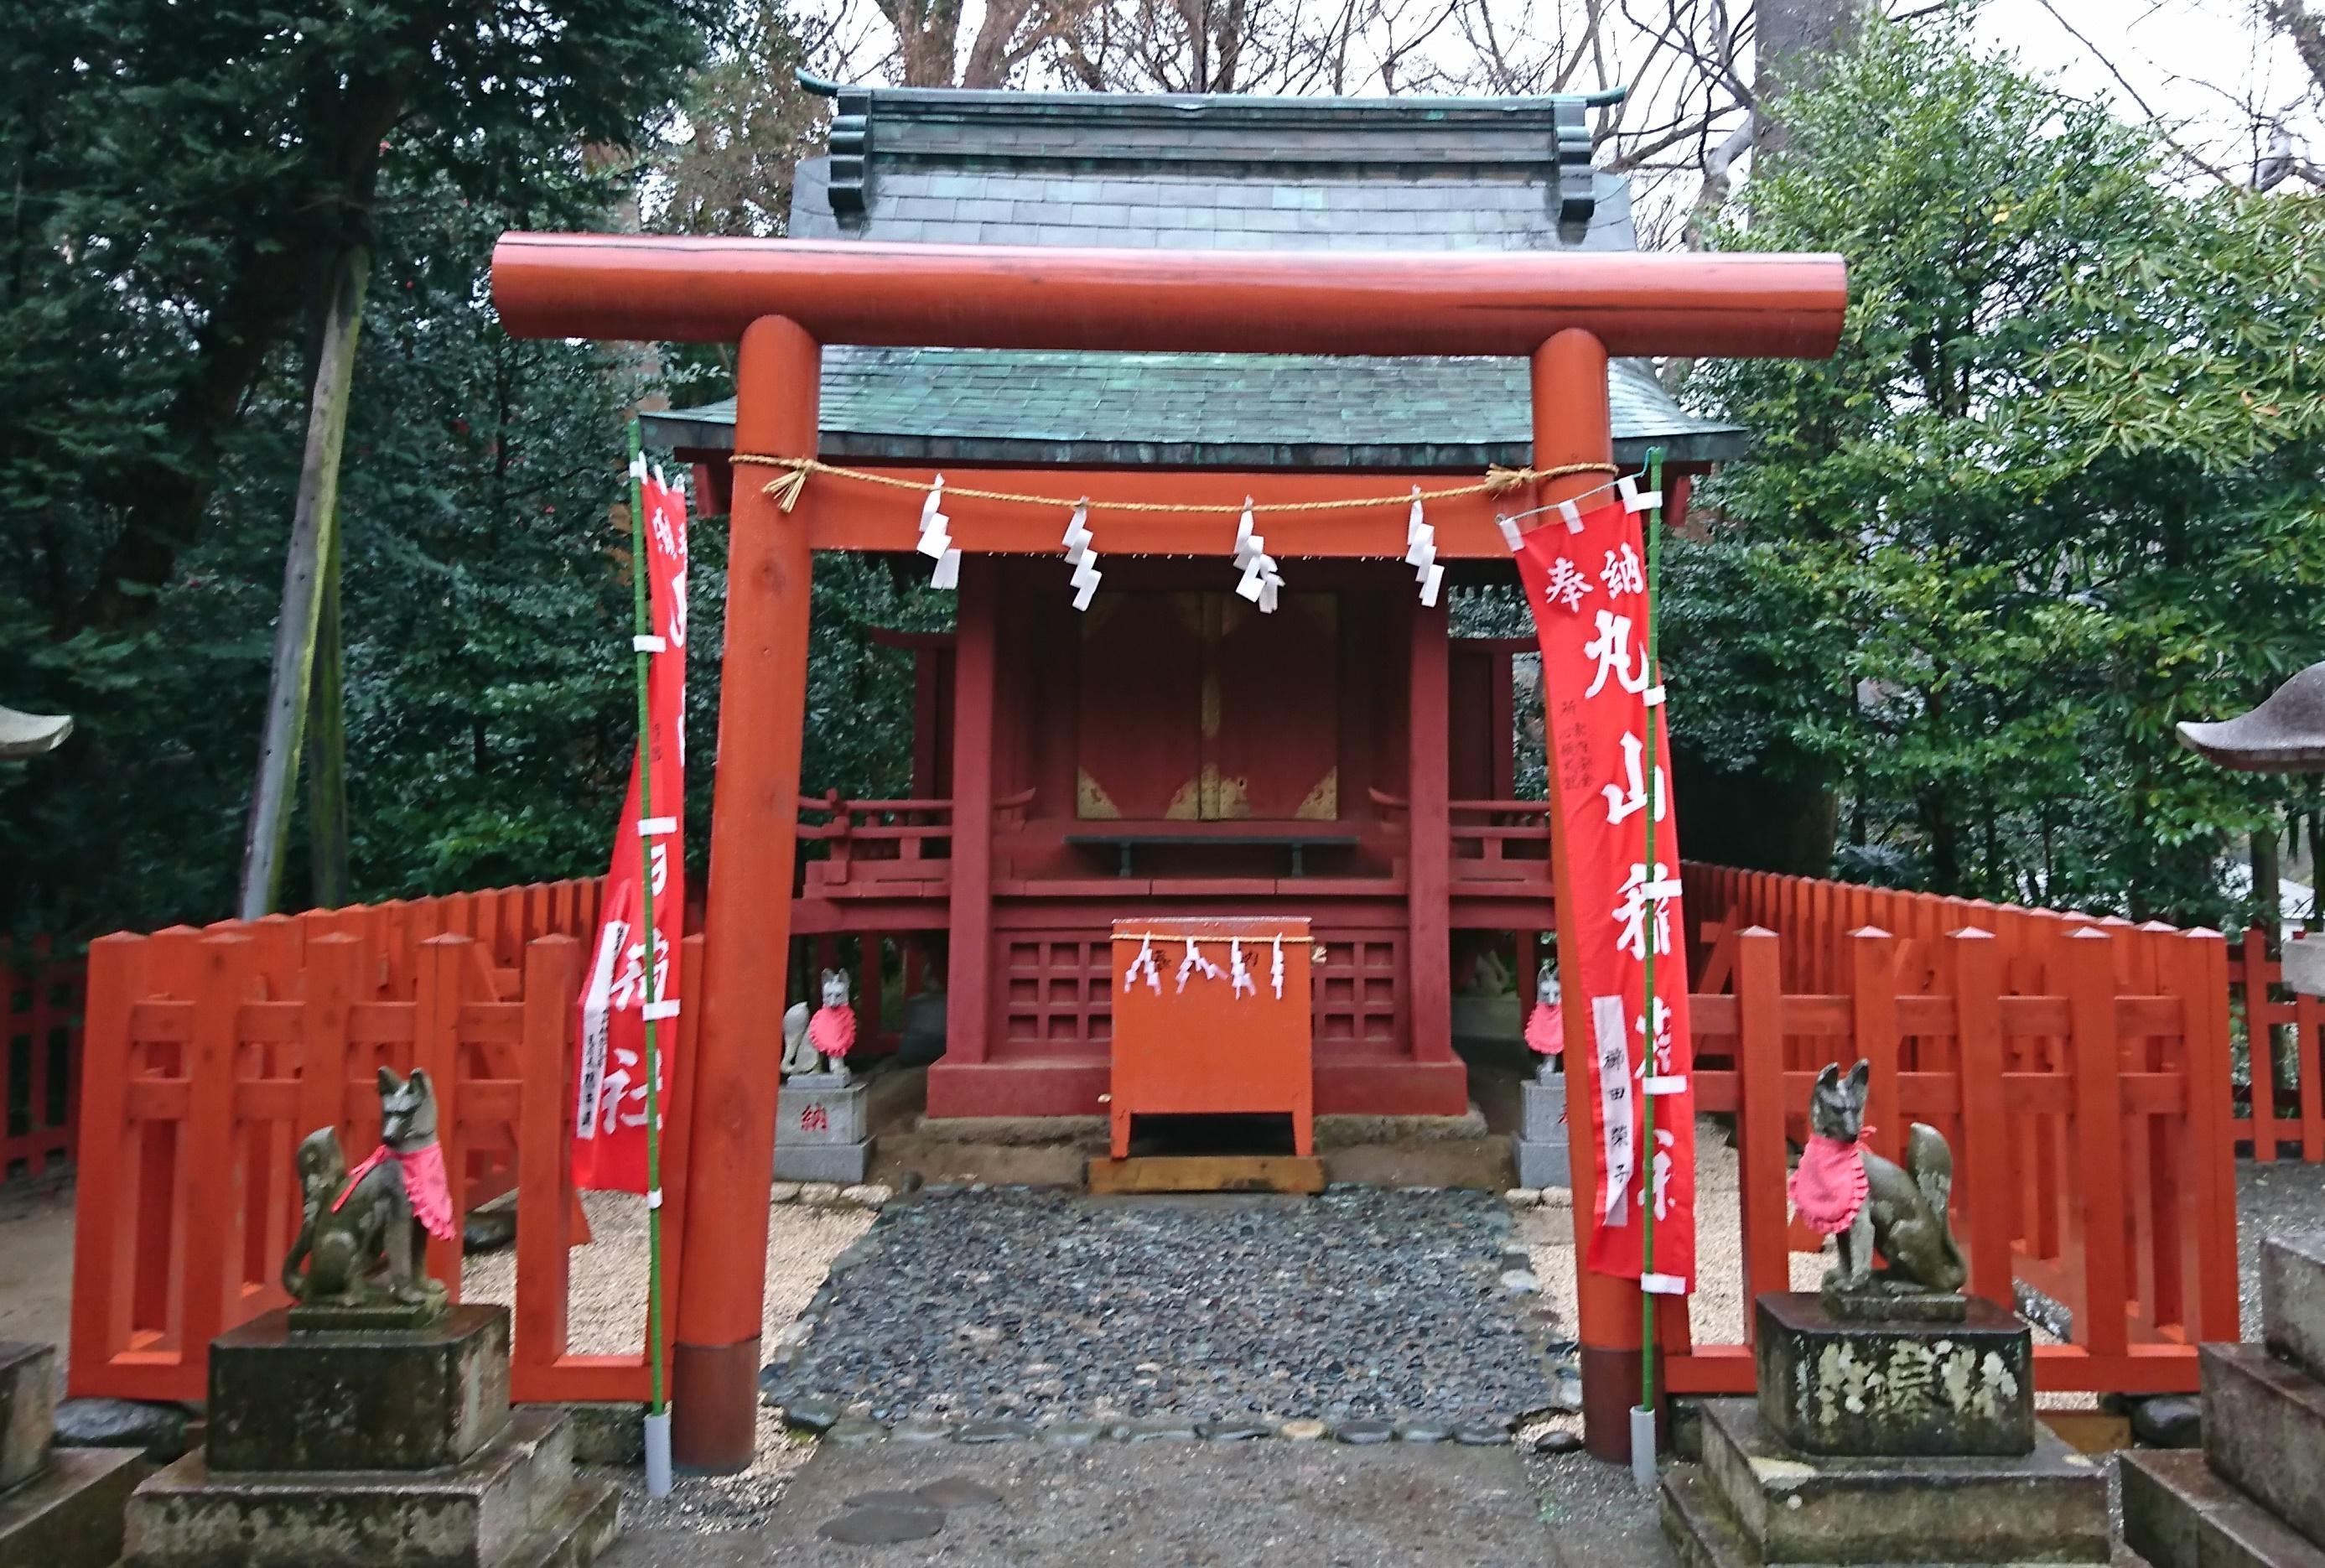 鶴岡八幡宮境内にある丸山稲荷神社